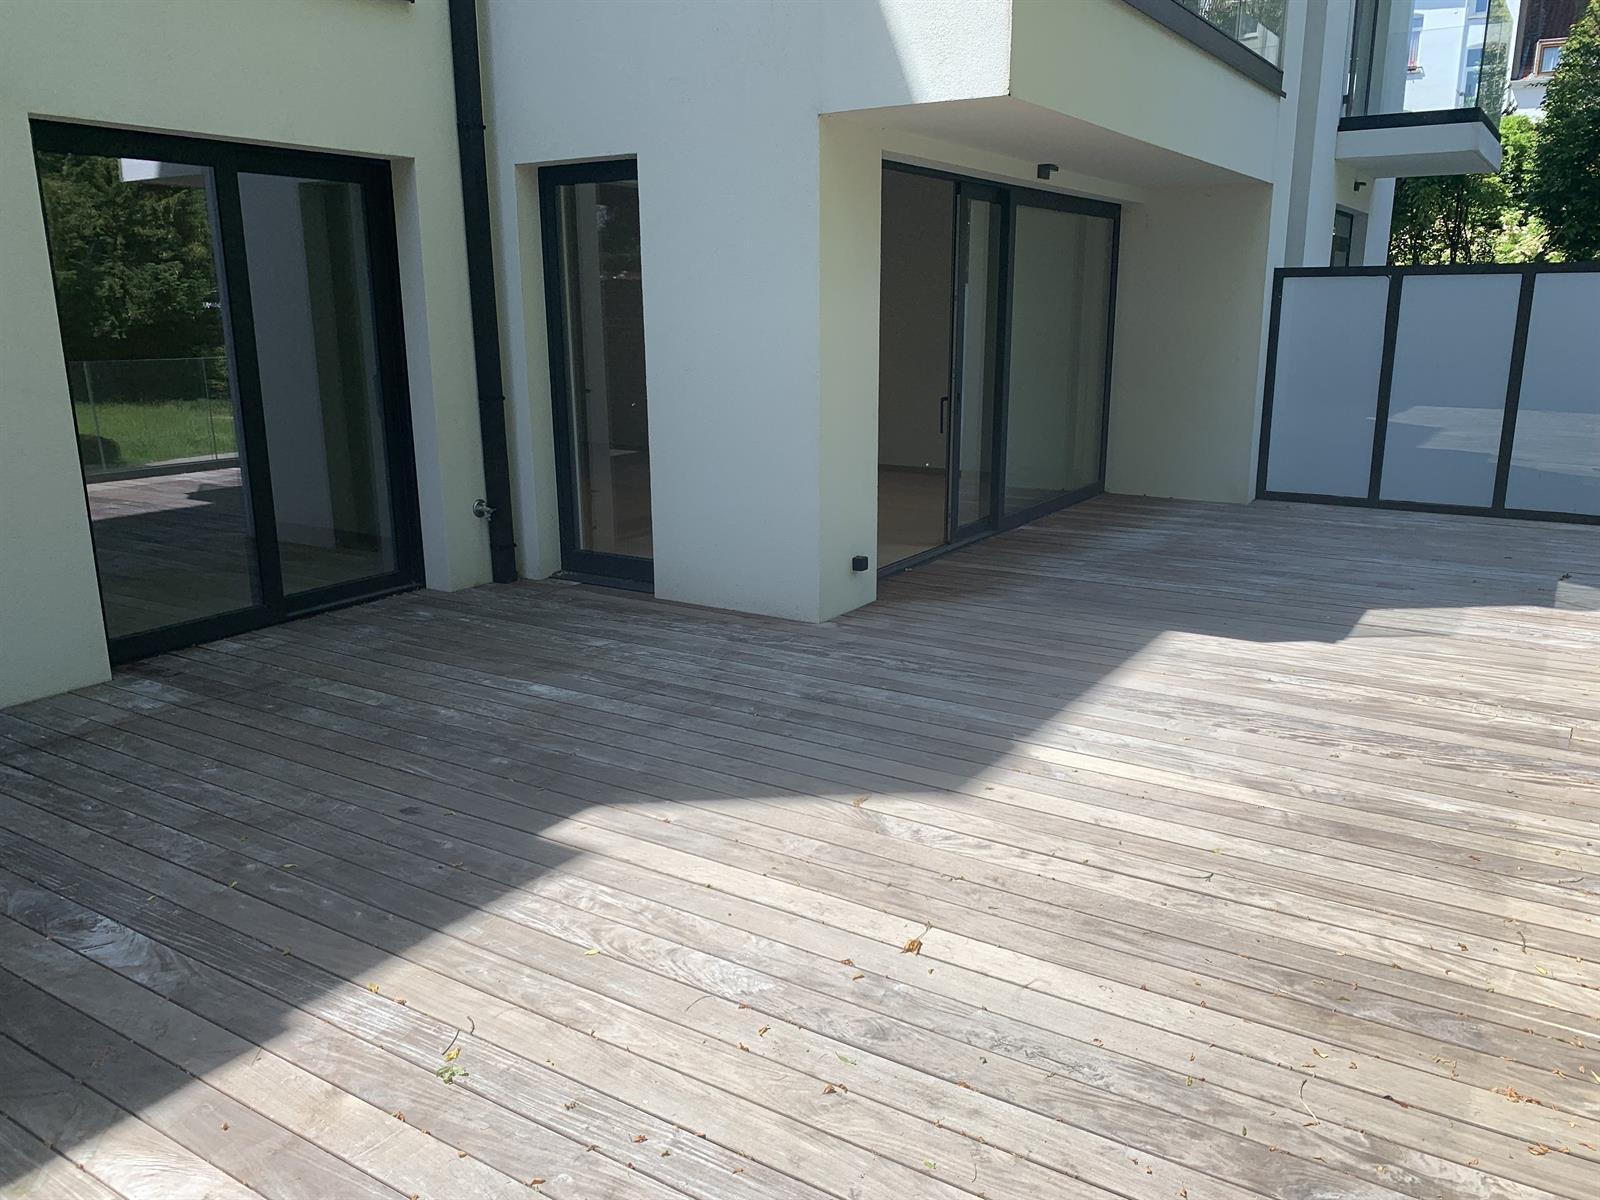 Appartement exceptionnel - Ixelles - #4392467-2